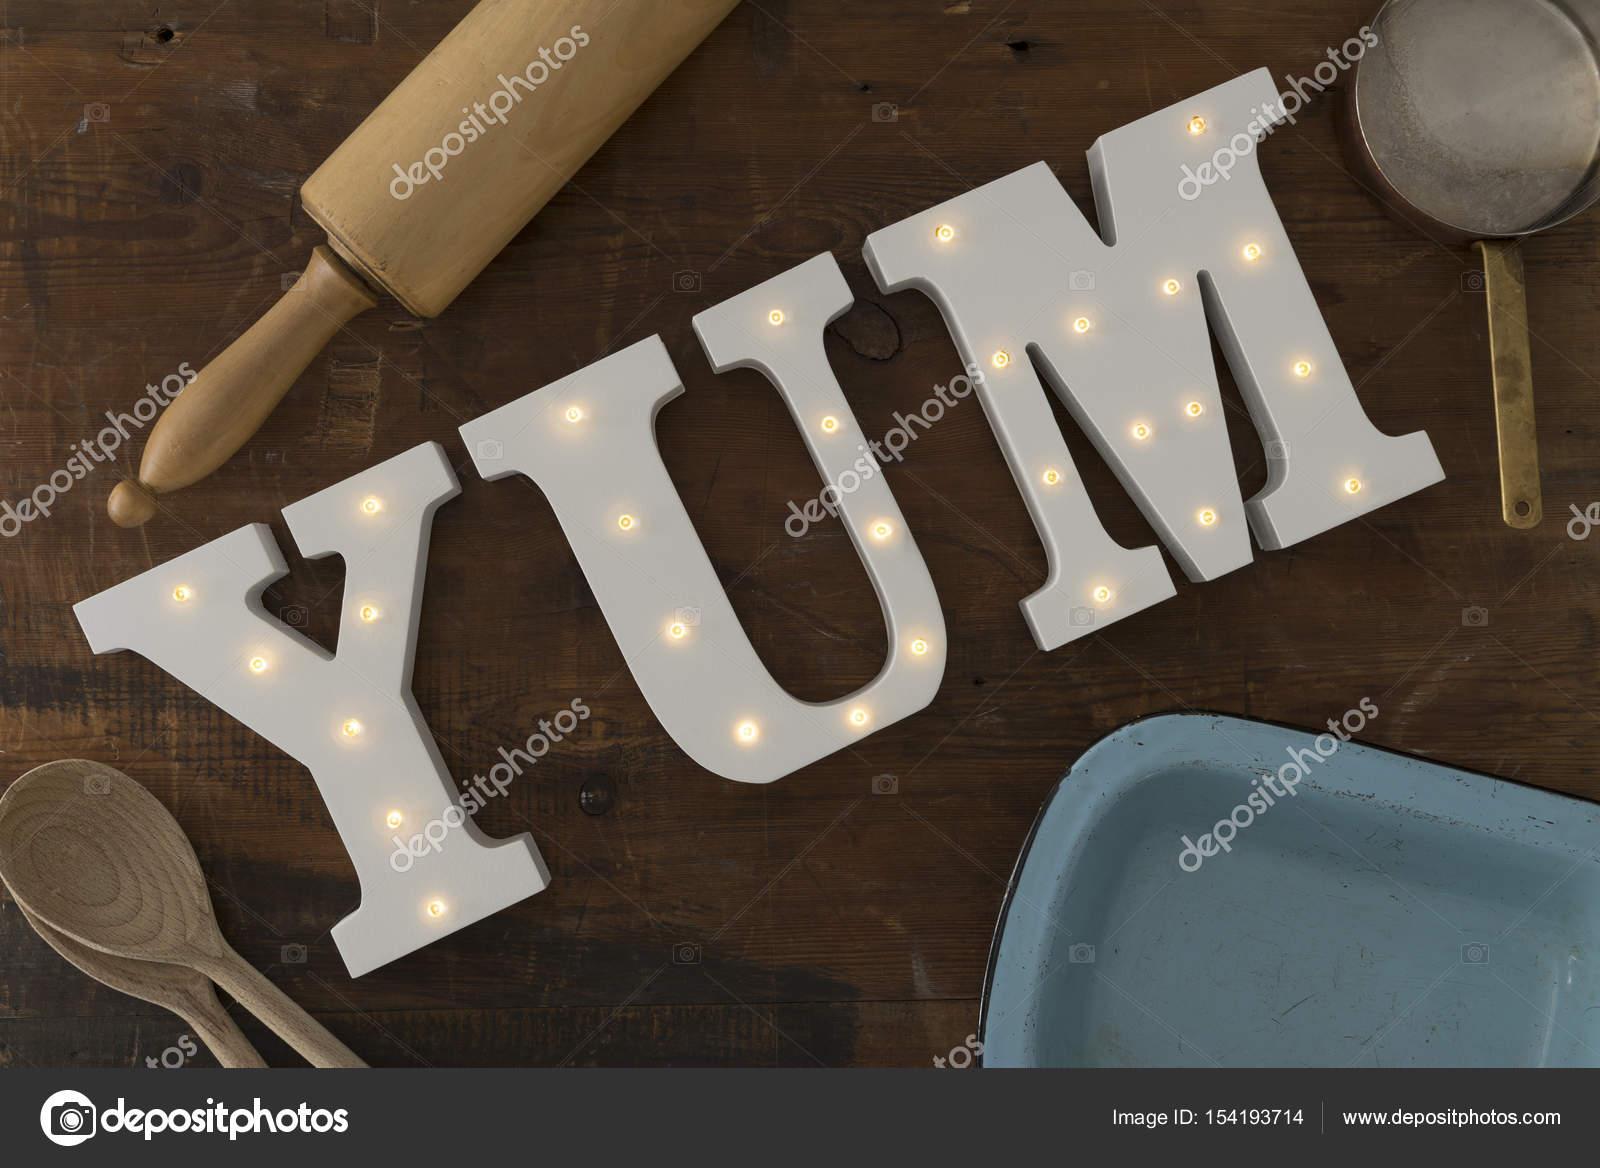 https://st3.depositphotos.com/5776754/15419/i/1600/depositphotos_154193714-stockafbeelding-led-verlichte-letters-spelling-yum.jpg